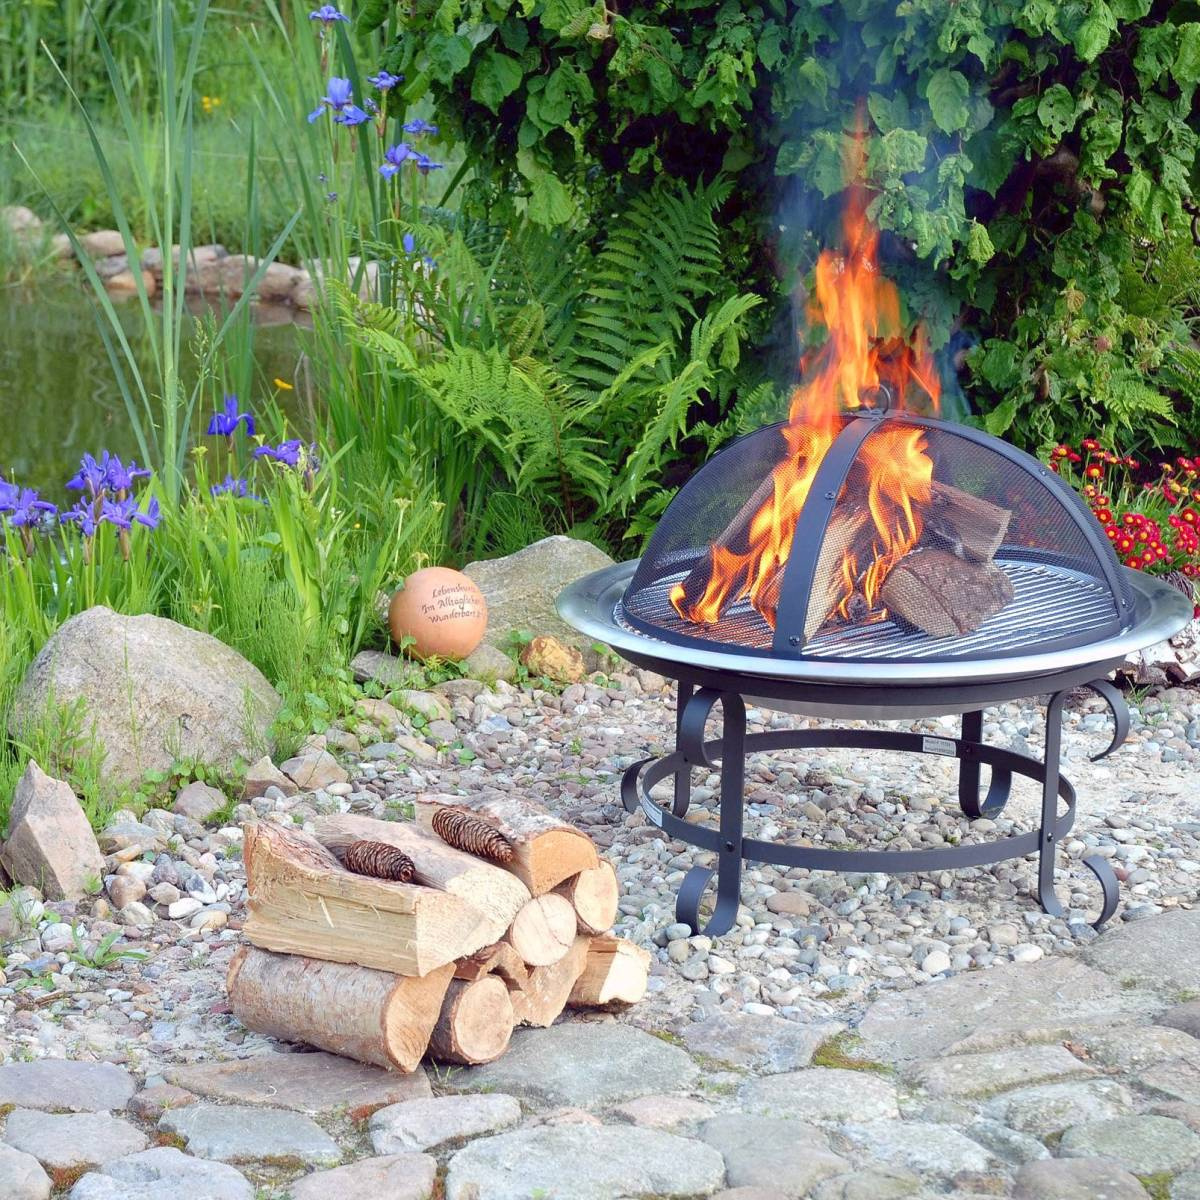 Wohneigentum Ist Offenes Feuer Im Garten Erlaubt Berliner Morgenpost